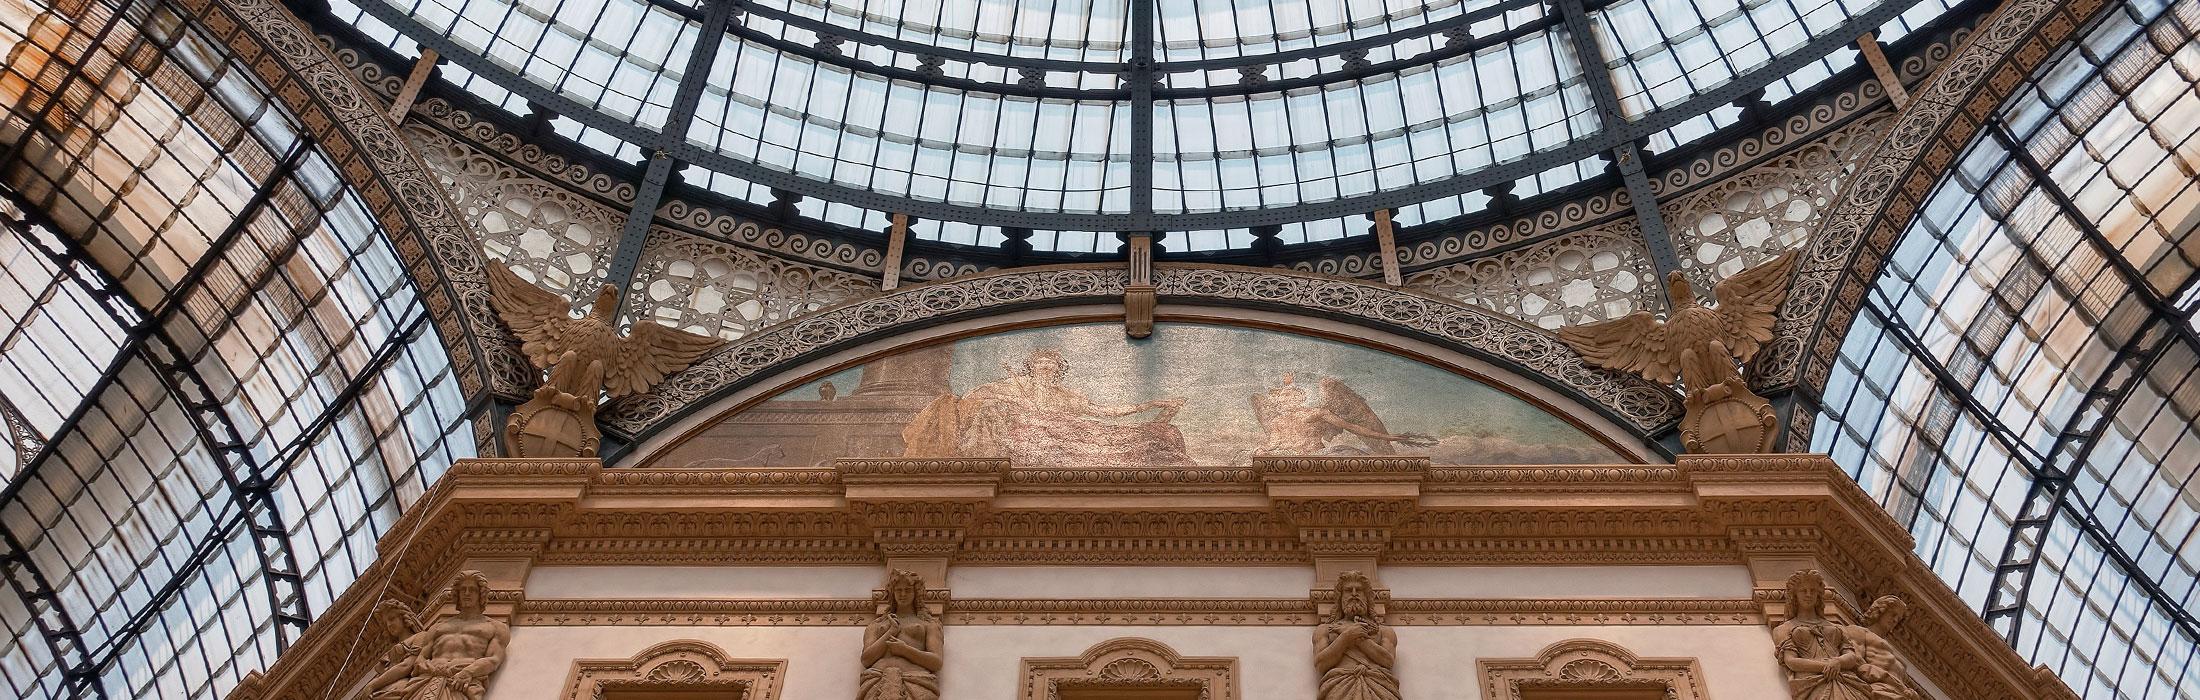 Sites de rencontres Milano